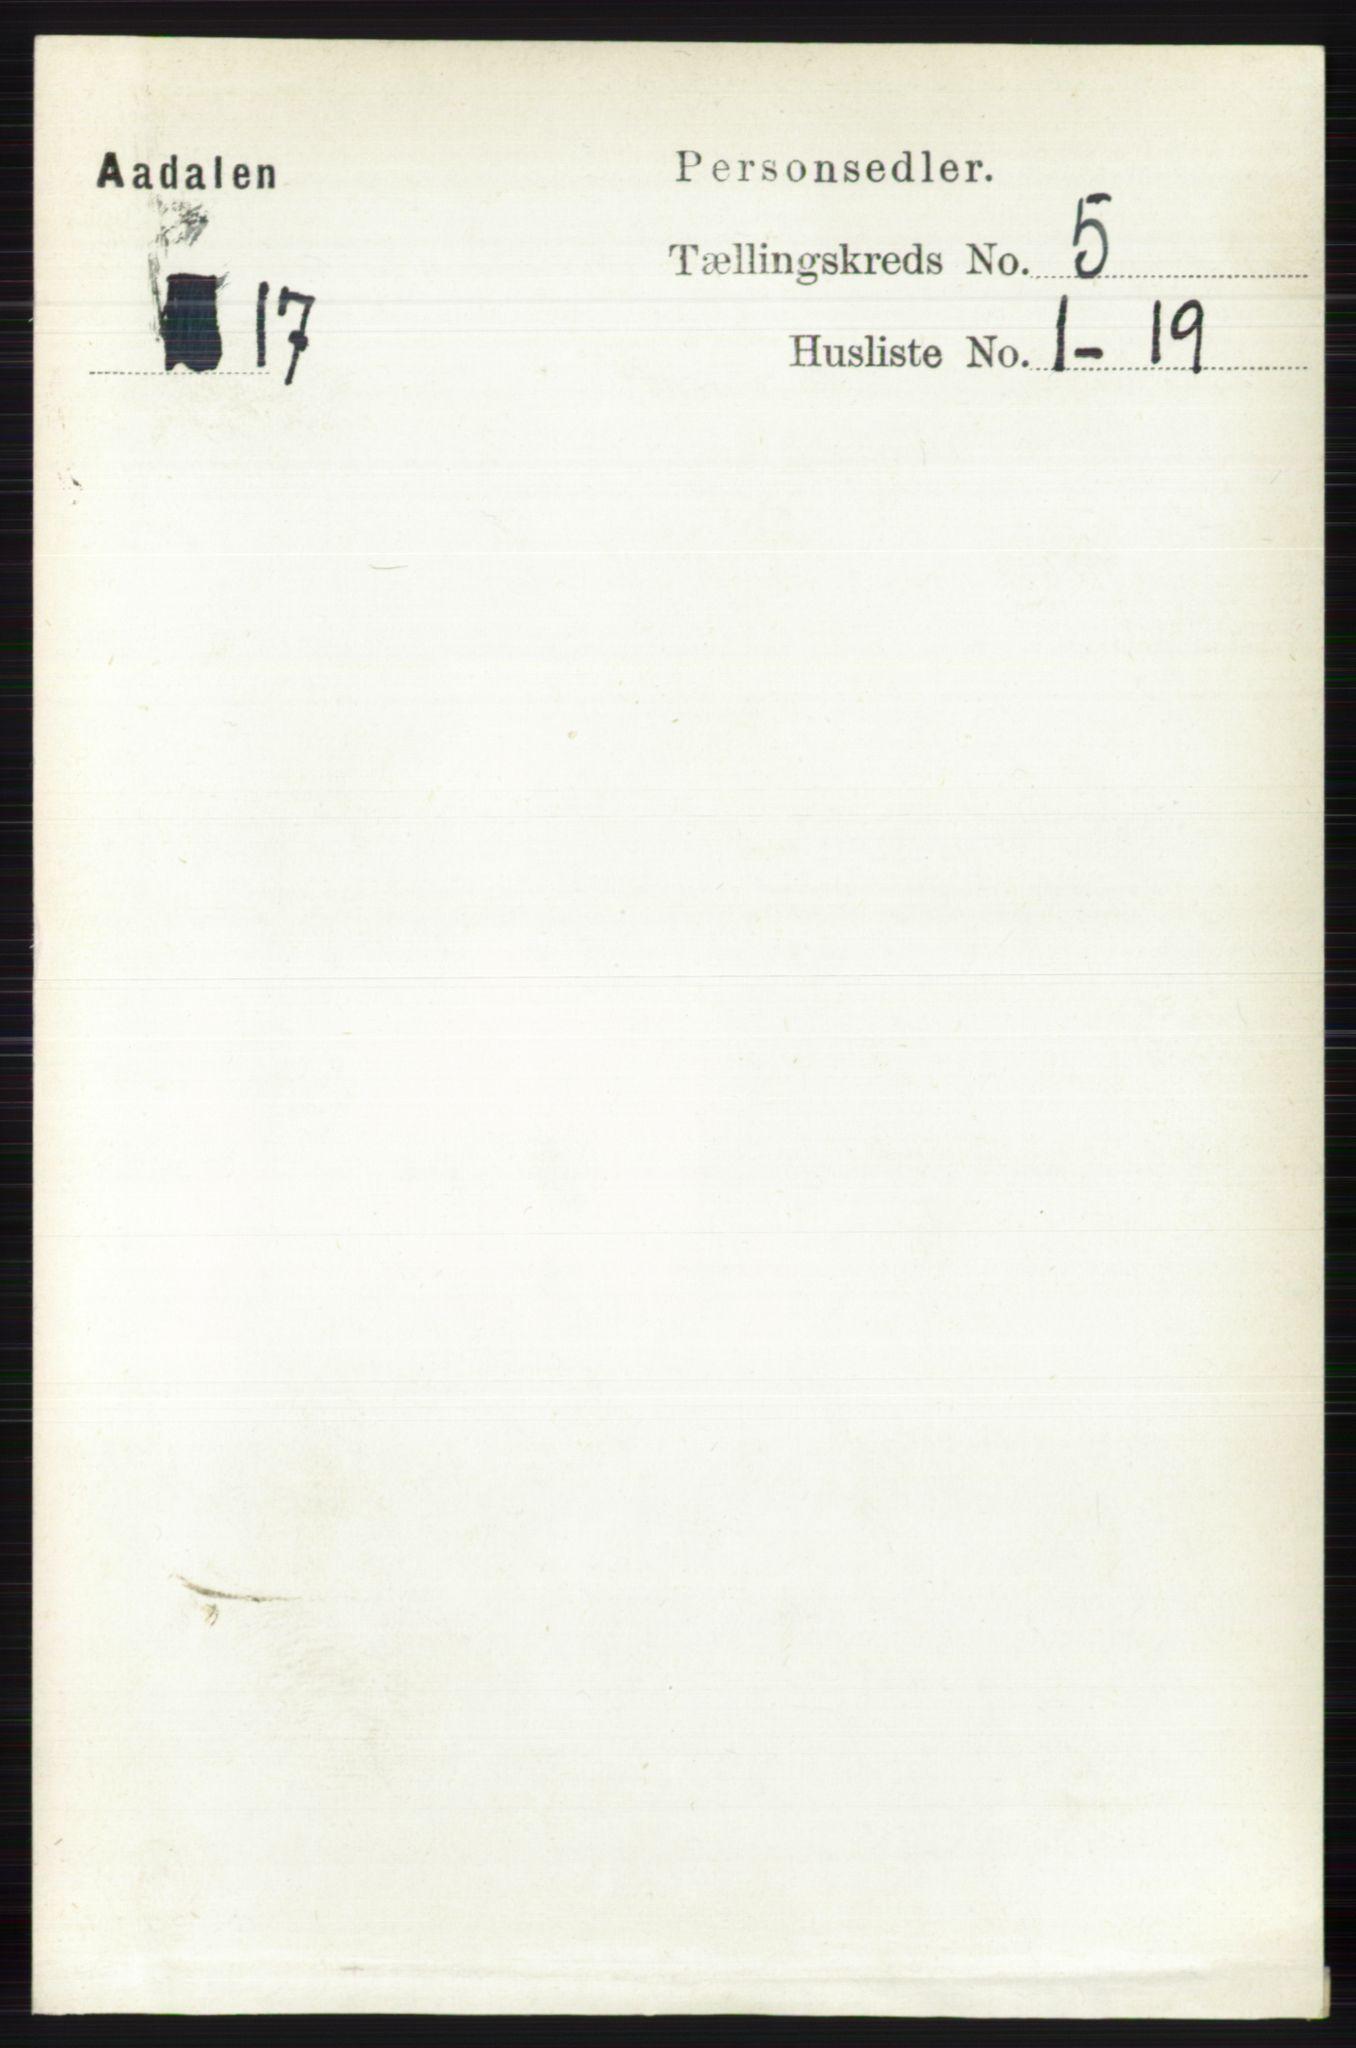 RA, Folketelling 1891 for 0614 Ådal herred, 1891, s. 2012